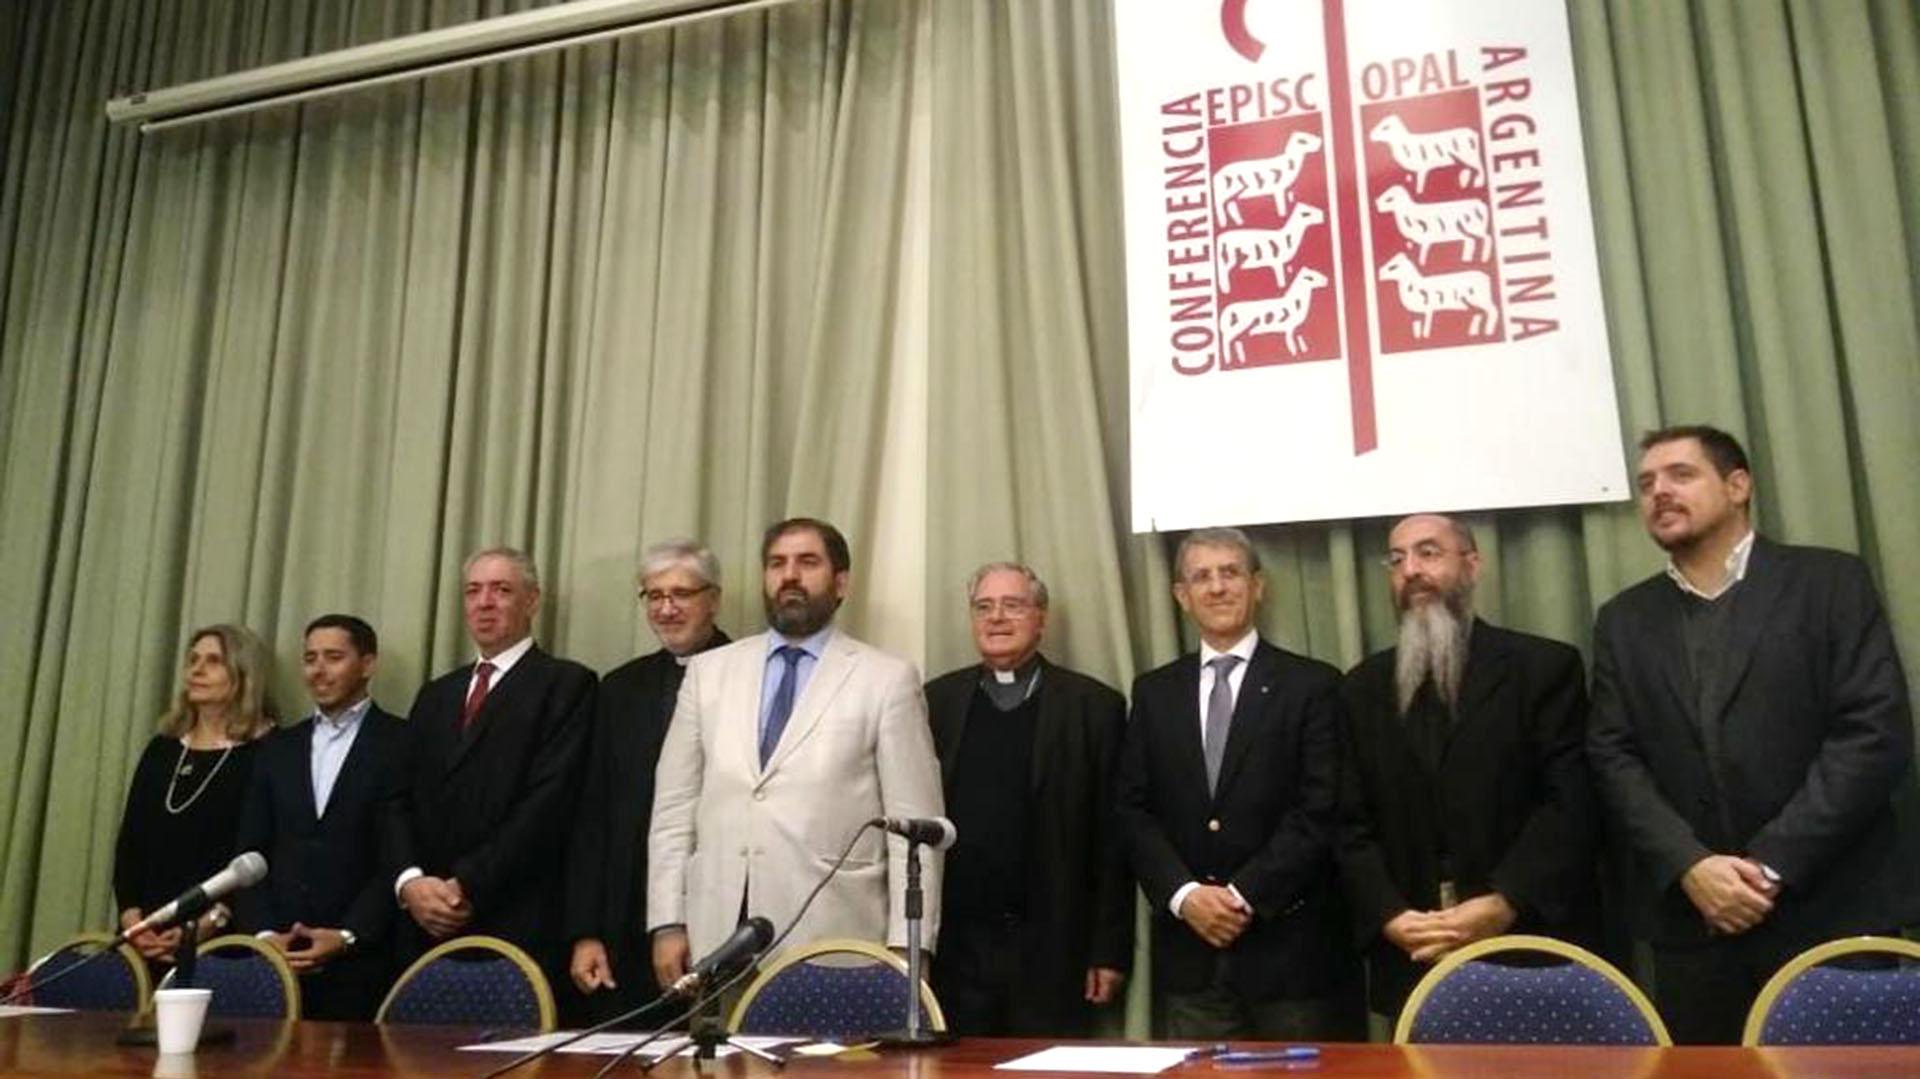 Referentes del catolicisimo, la comunidad judía y el islamismo se reunieron en la sede de la Conferencia Episcopal